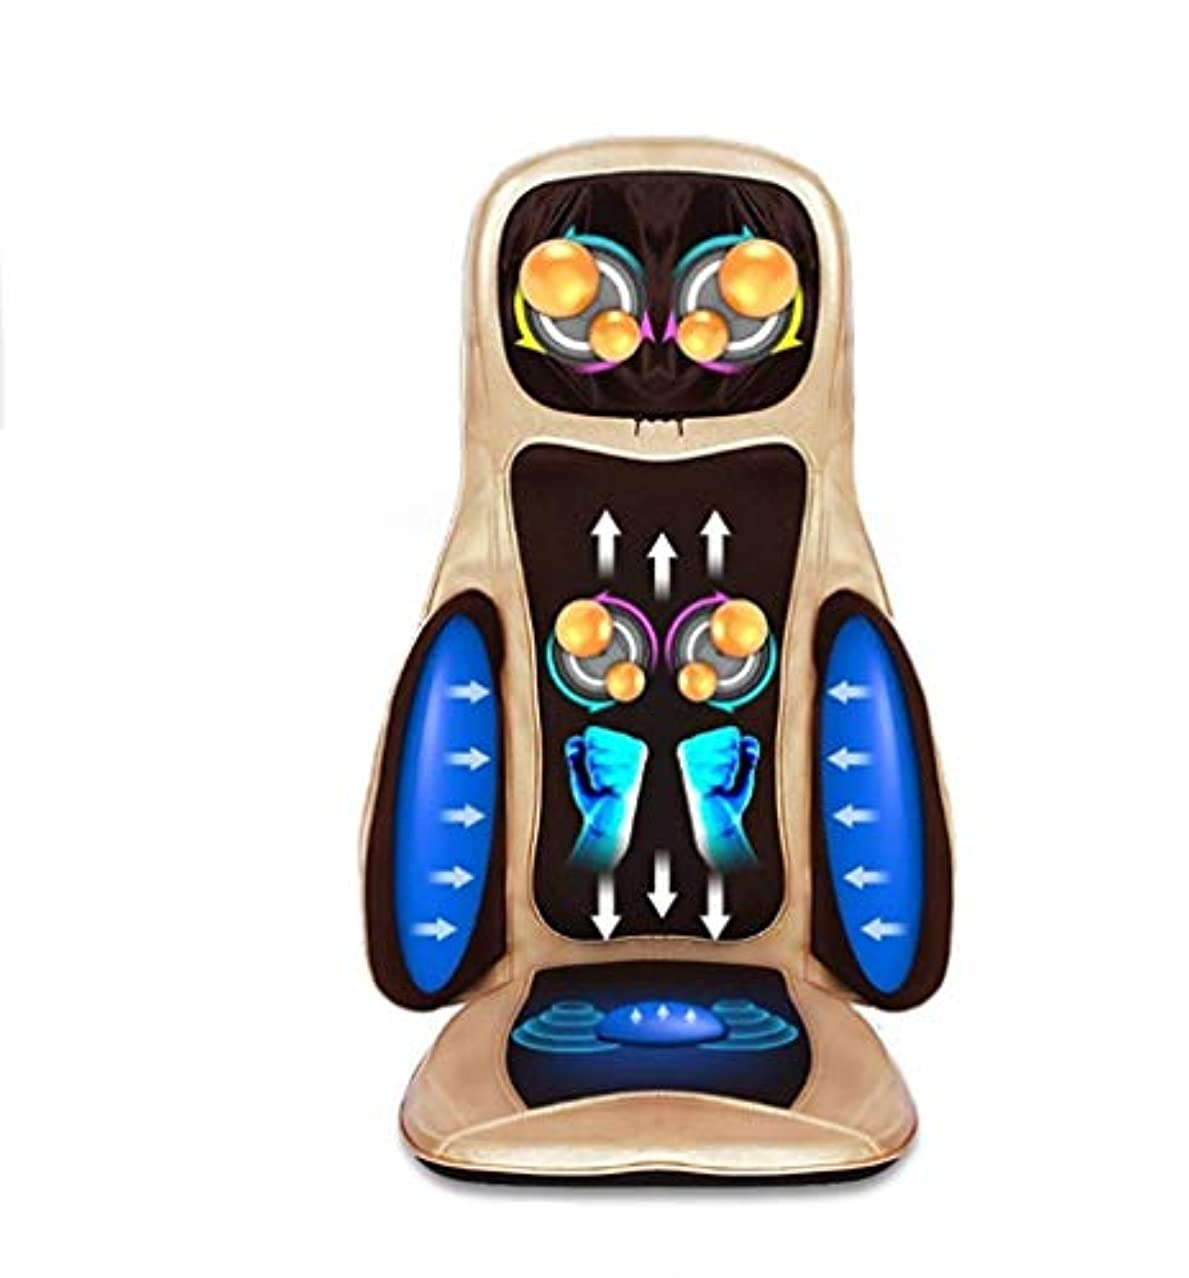 タイマー著作権ボイドカーマッサージクッション、多機能マッサージクッション、ホームオフィスマッサージャー、全身マッサージマシンの深い混練、熱振動、体の痛みや疲労を軽減